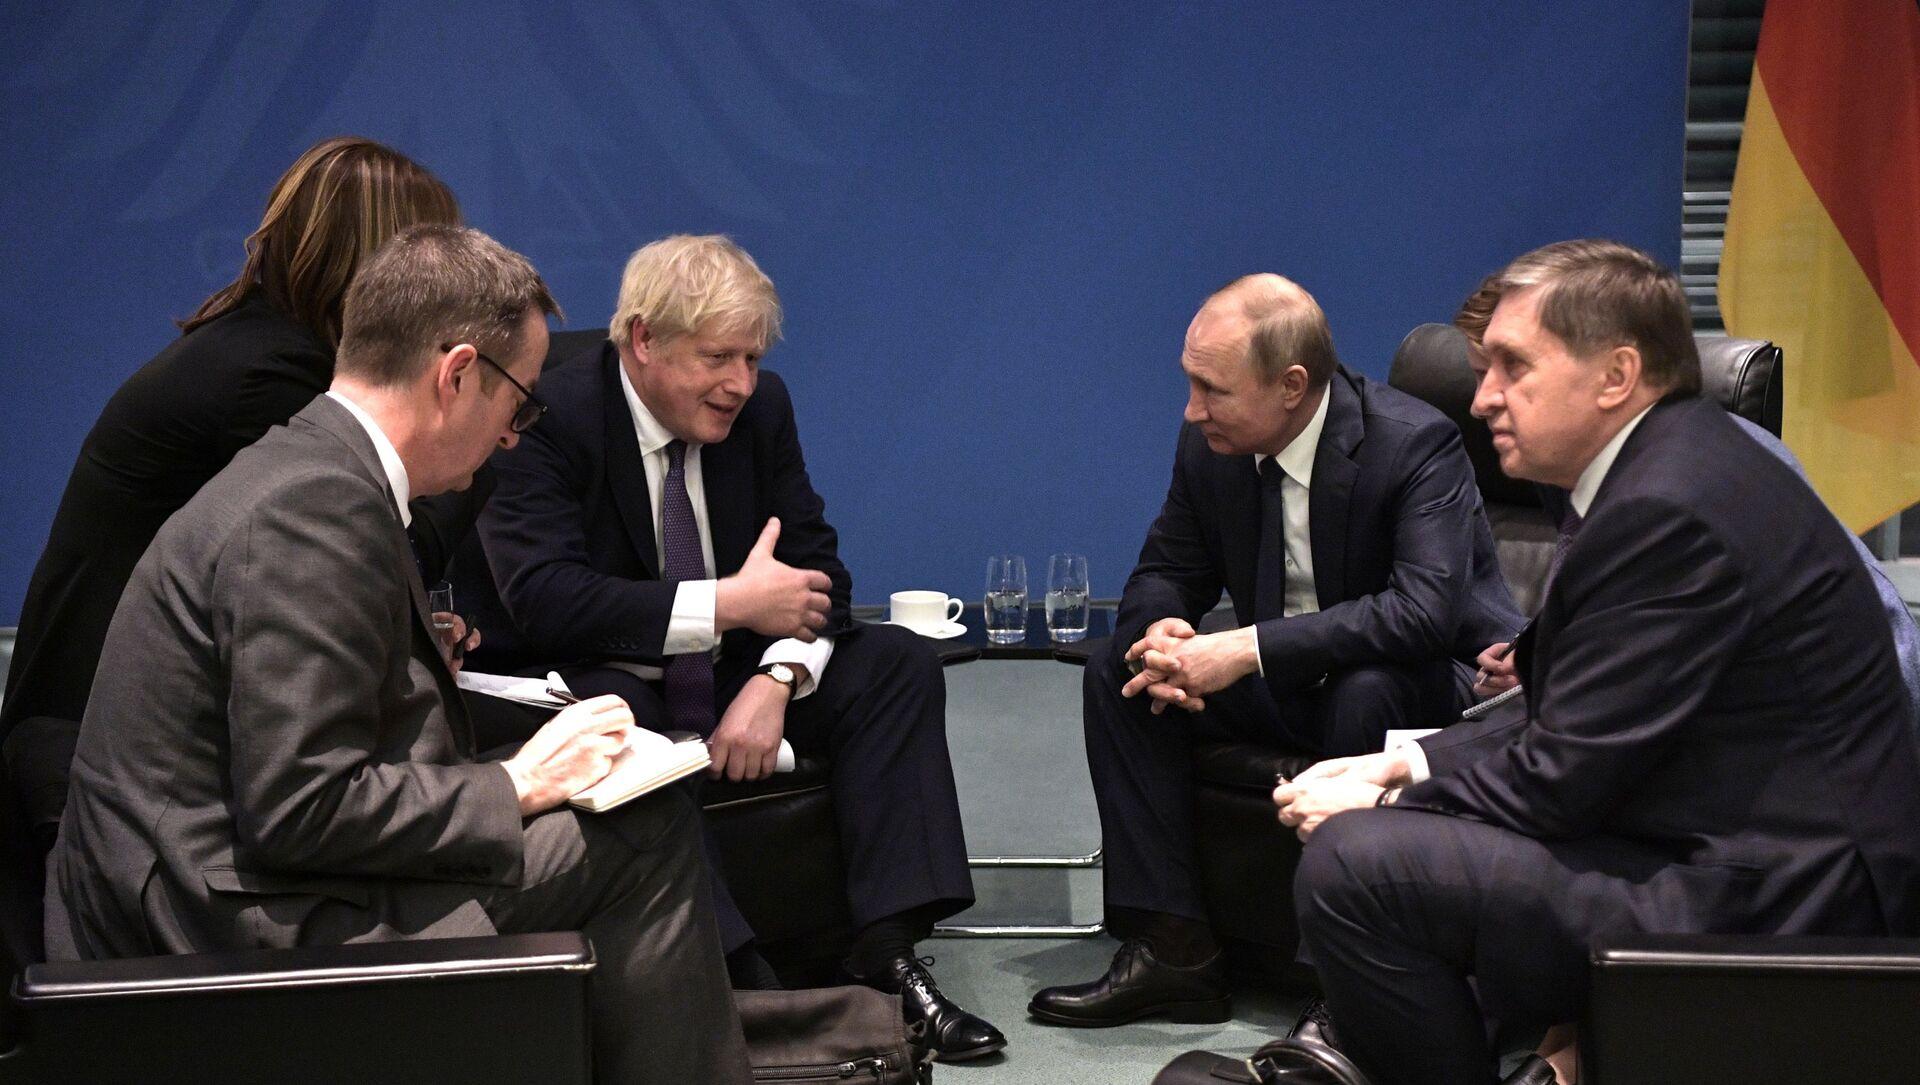 Prezydent Rosji Władimir Putin i premier Wielkiej Brytanii Boris Johnson. Zdjęcie archiwalne. - Sputnik Polska, 1920, 19.06.2021